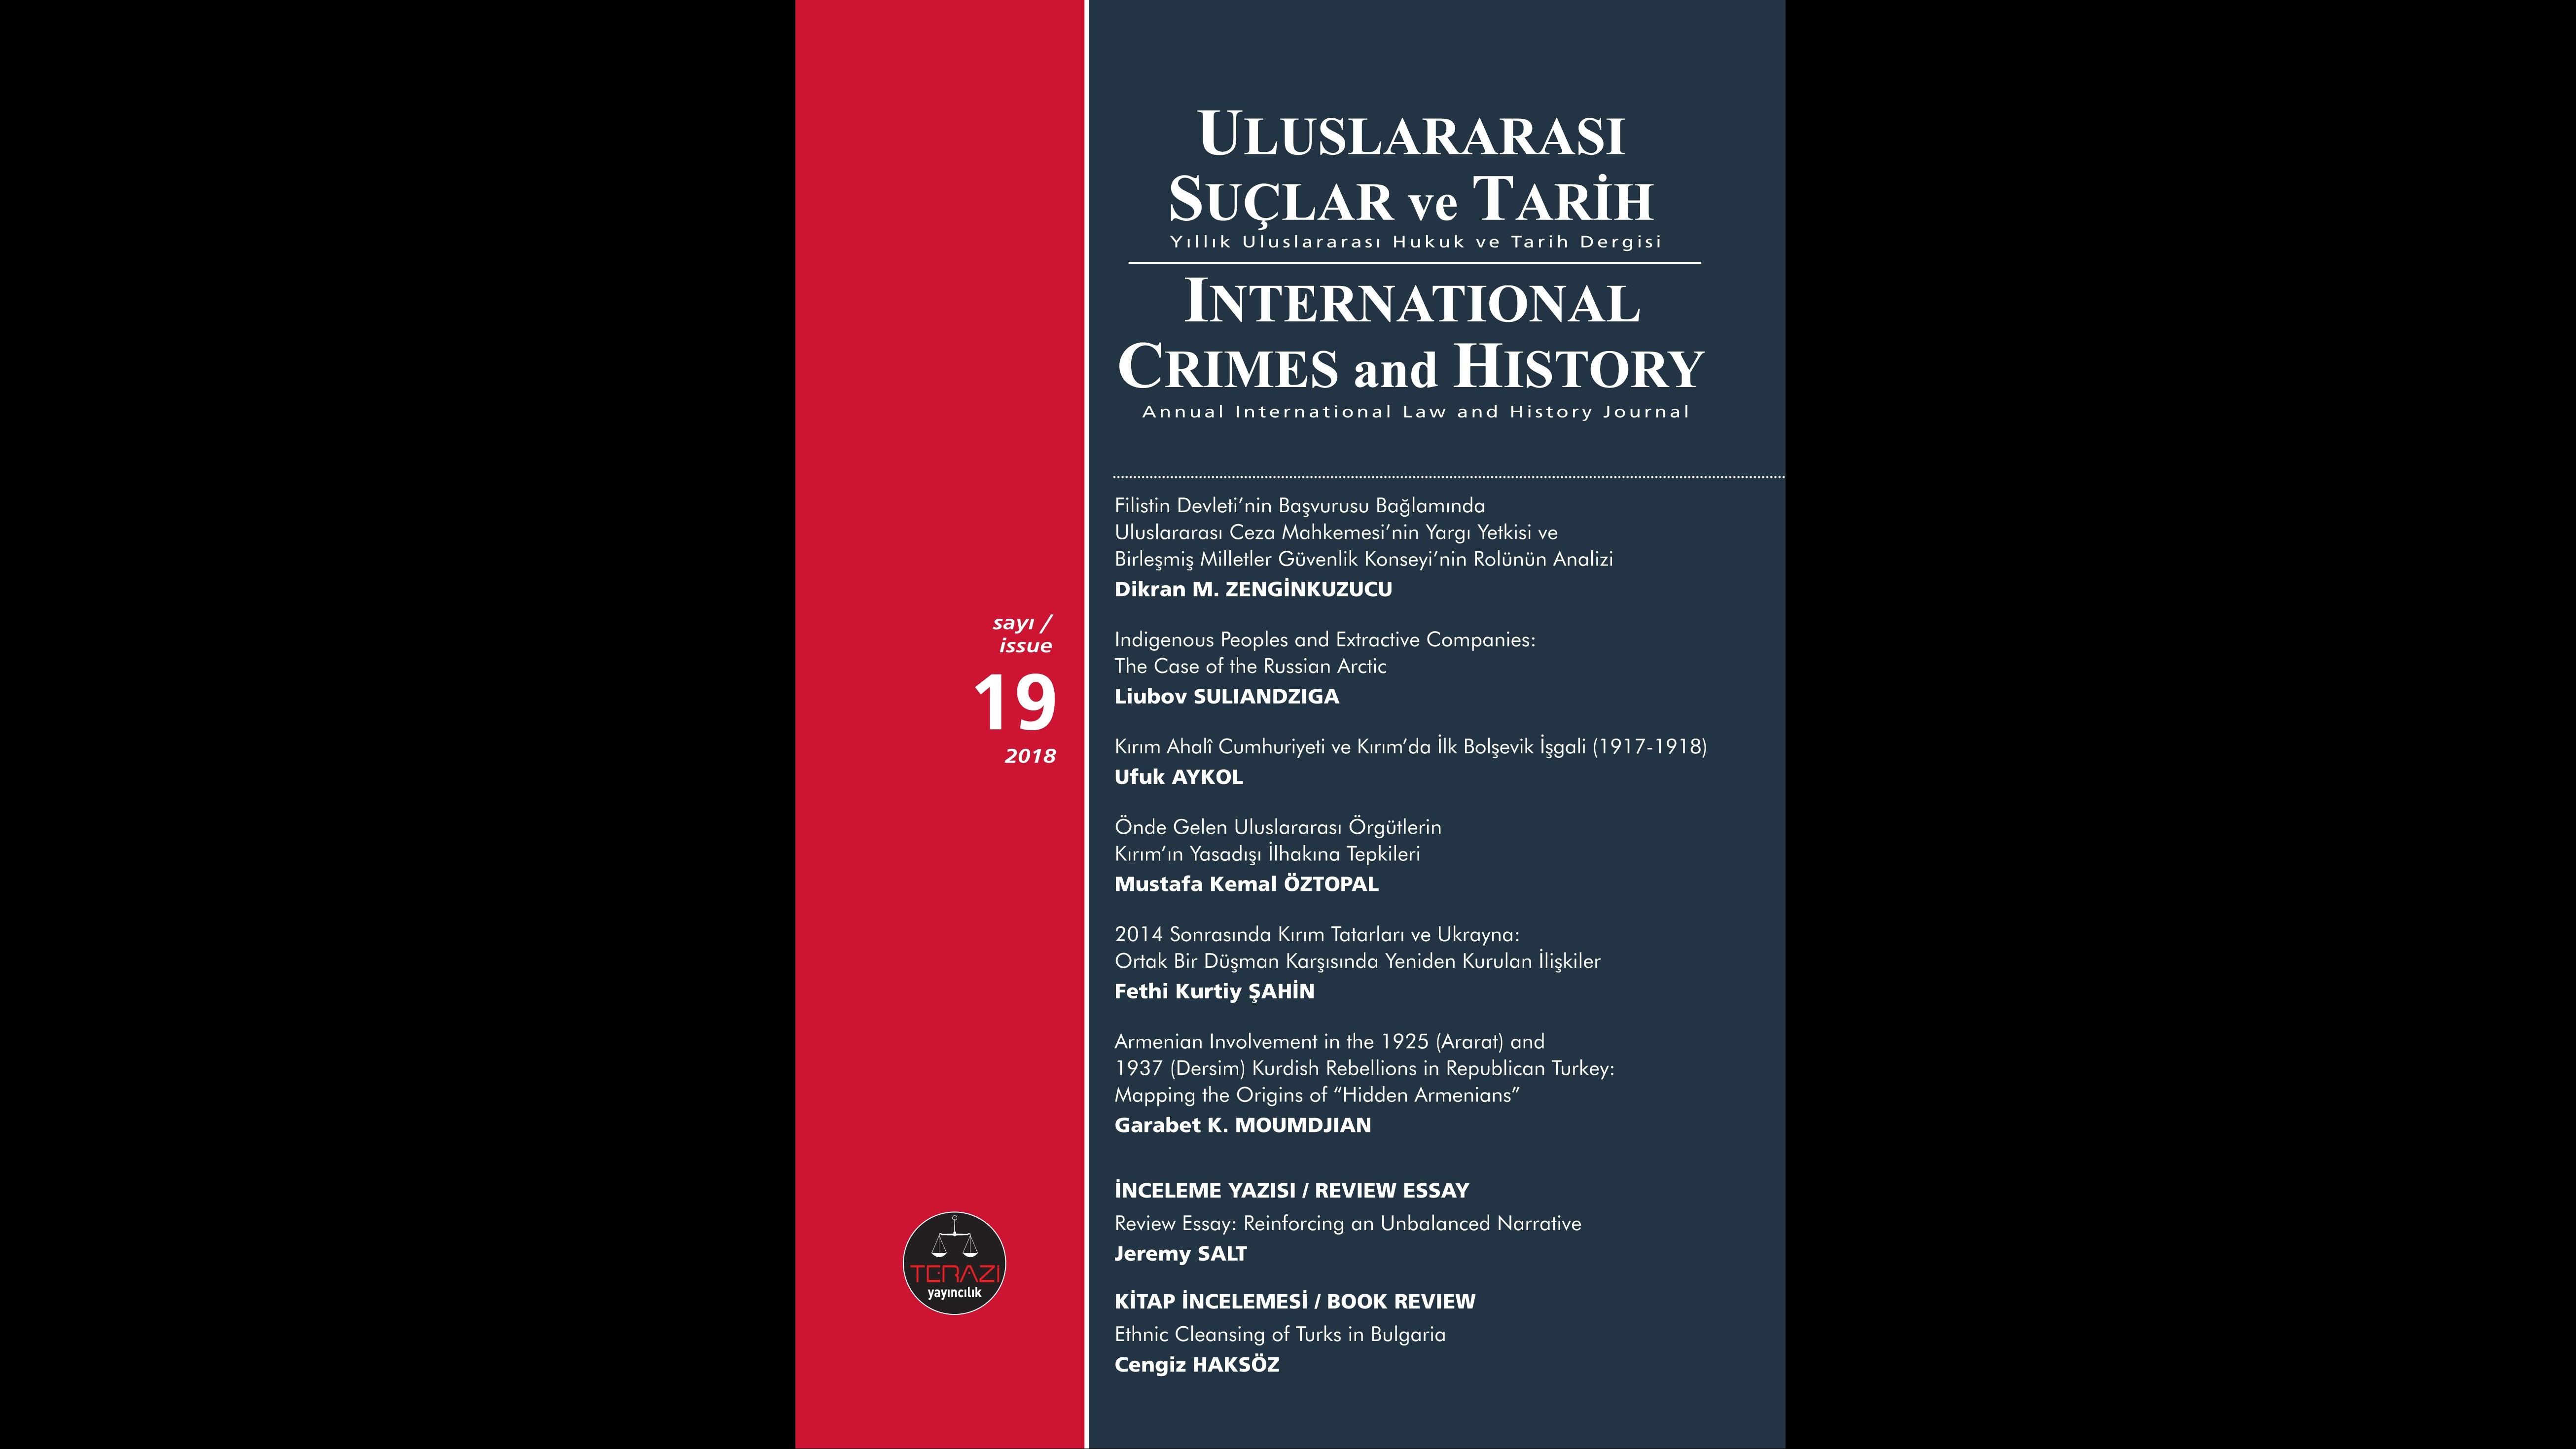 DUYURU: ULUSLARARASI SUÇLAR VE TARİH / INTERNATIONAL CRIMES AND HISTORY DERGİSİNİN 19. SAYISI YAYINLANDI